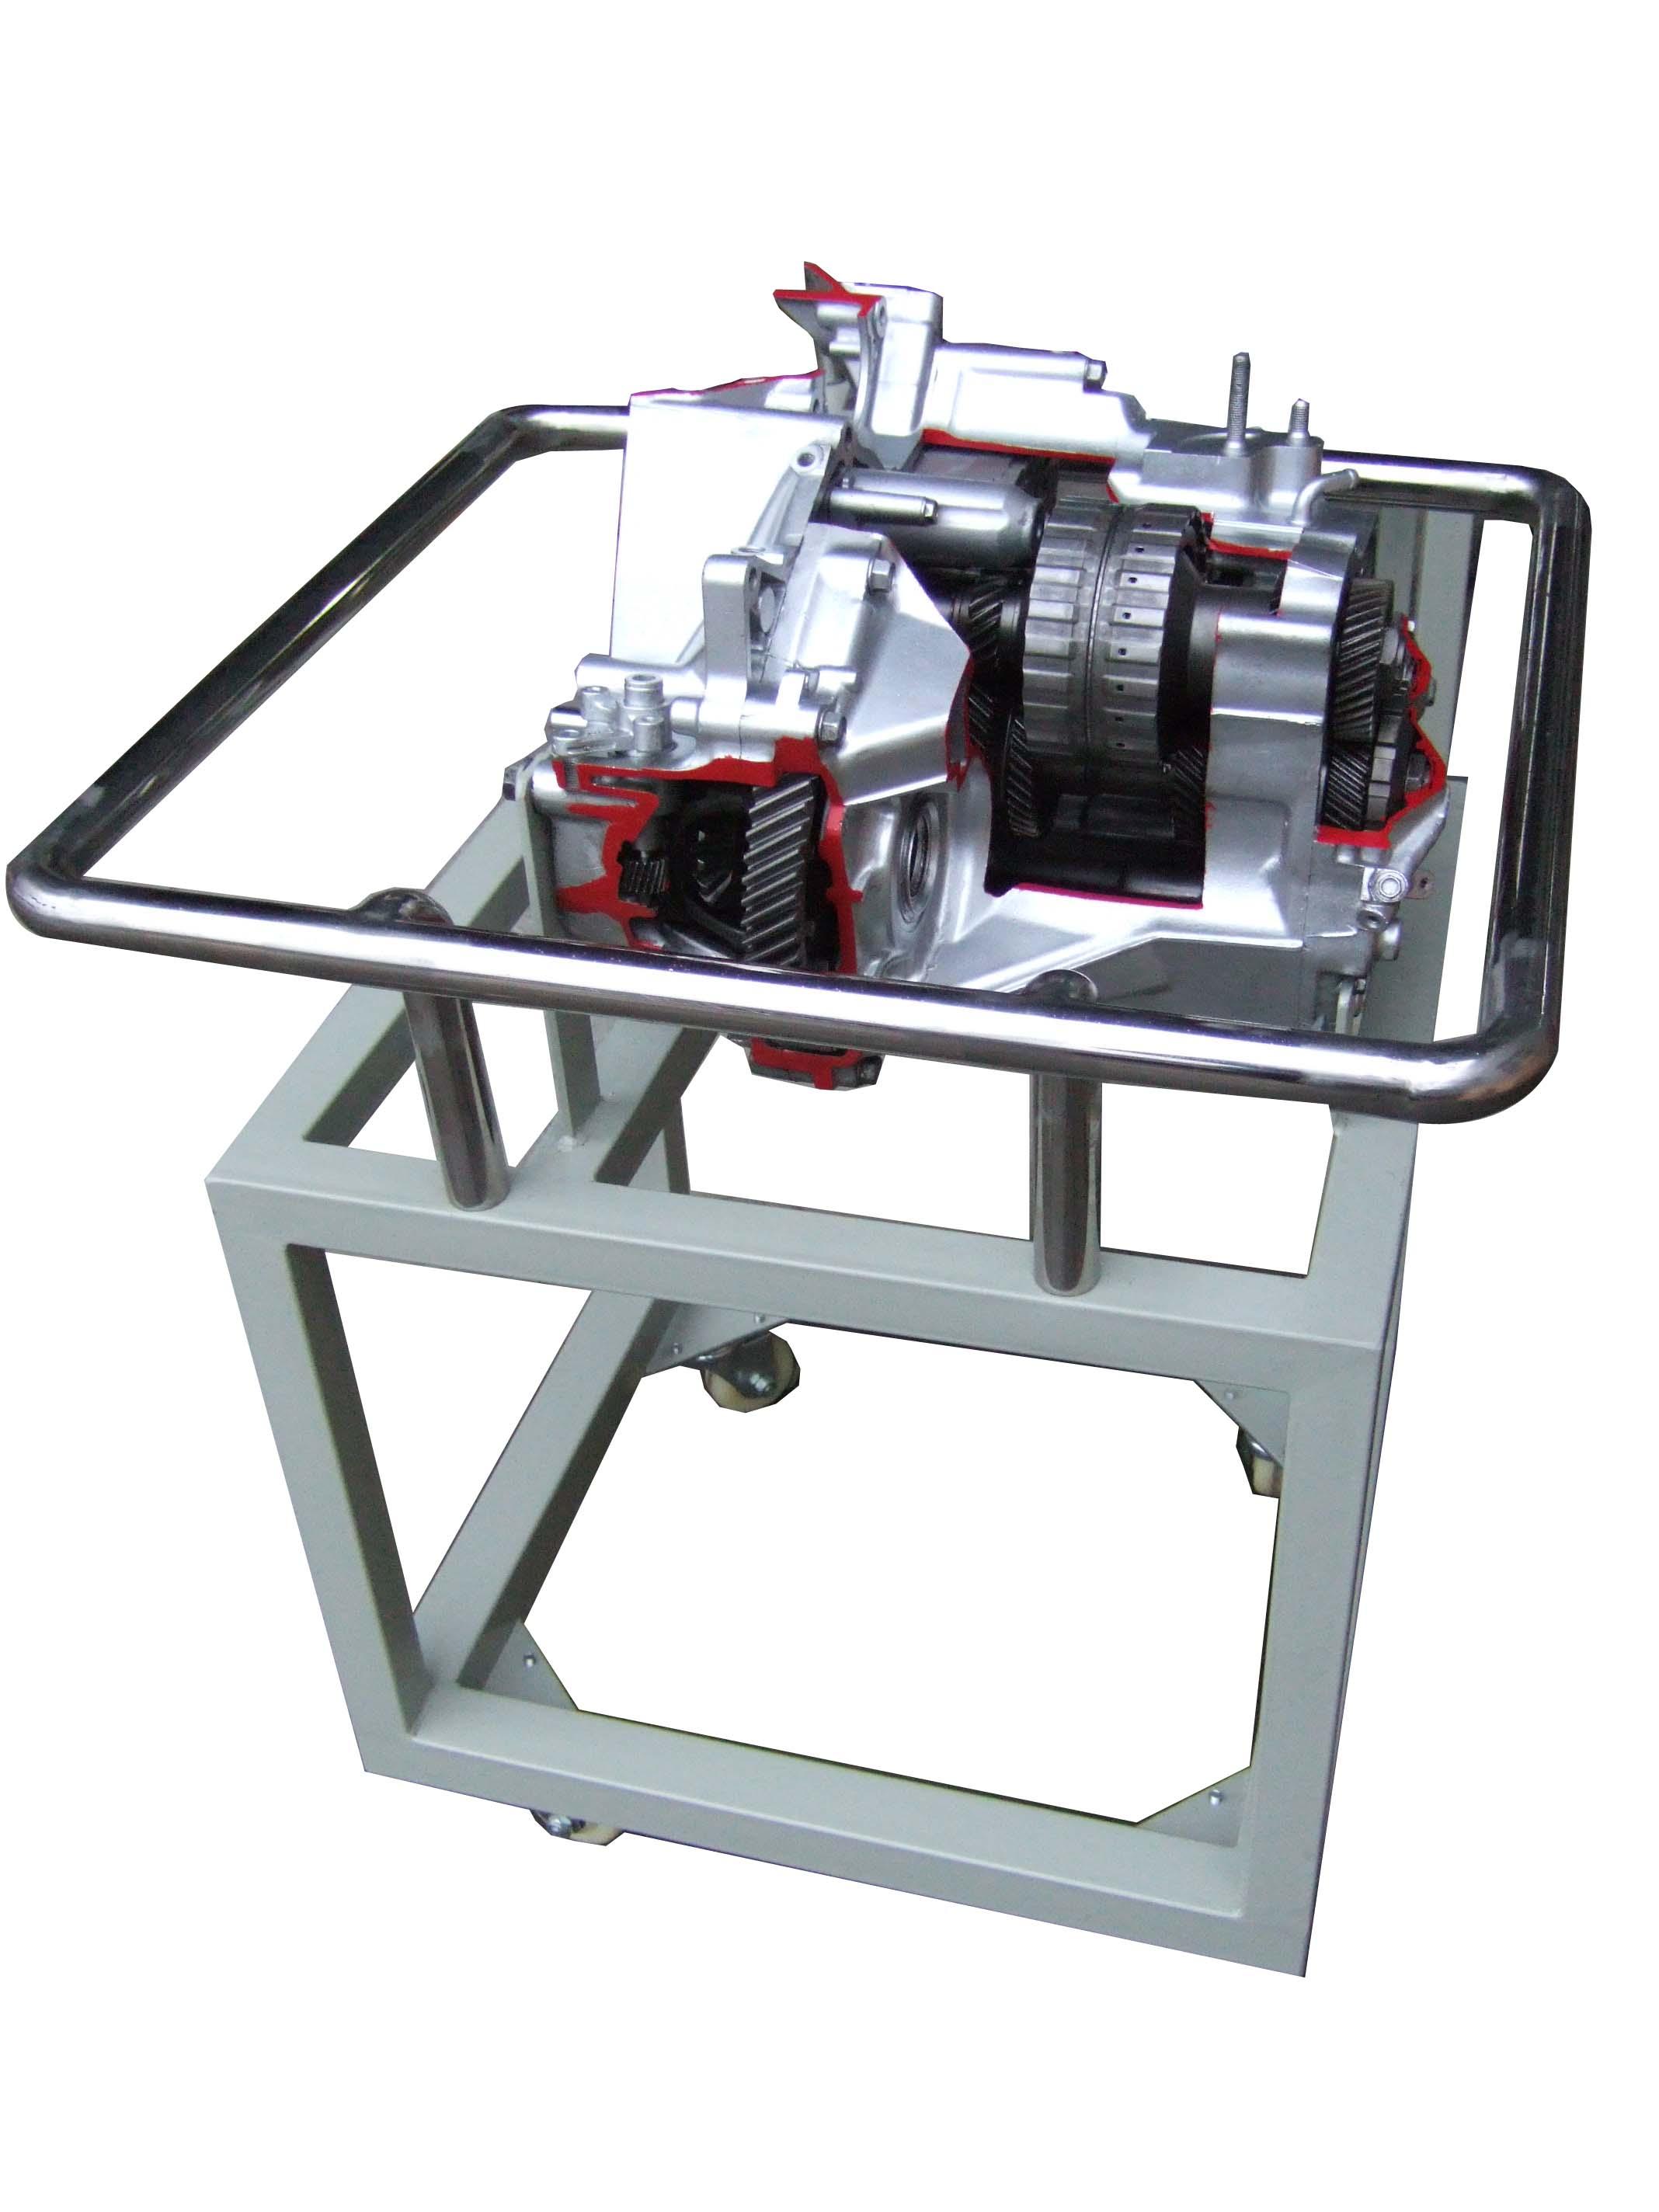 yuy-jp12 汽车发动机及零部件解剖模型